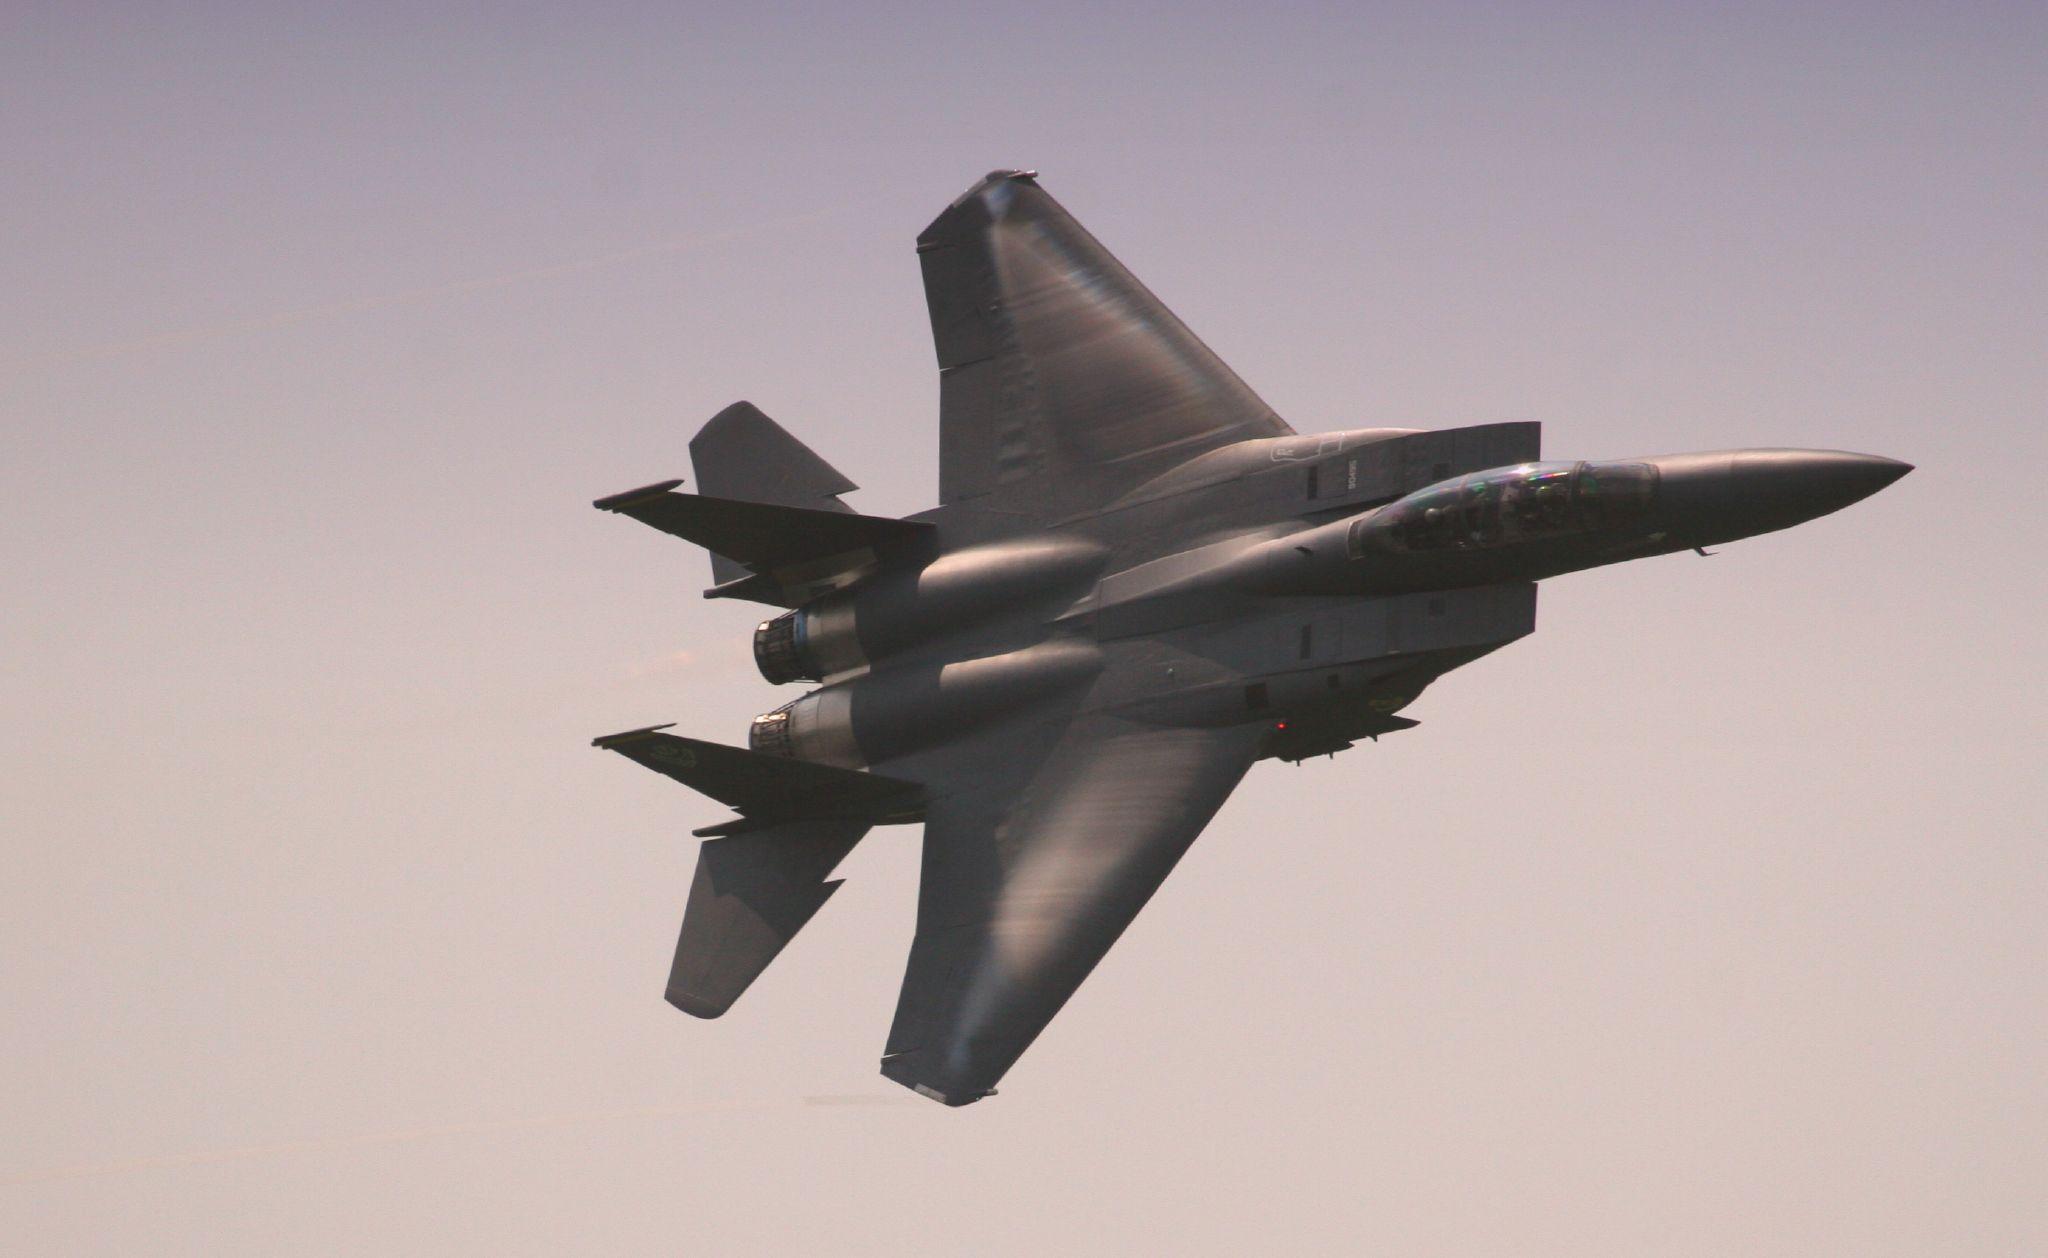 F 15 Strike Eagle File:F-15 Strike Eagle...